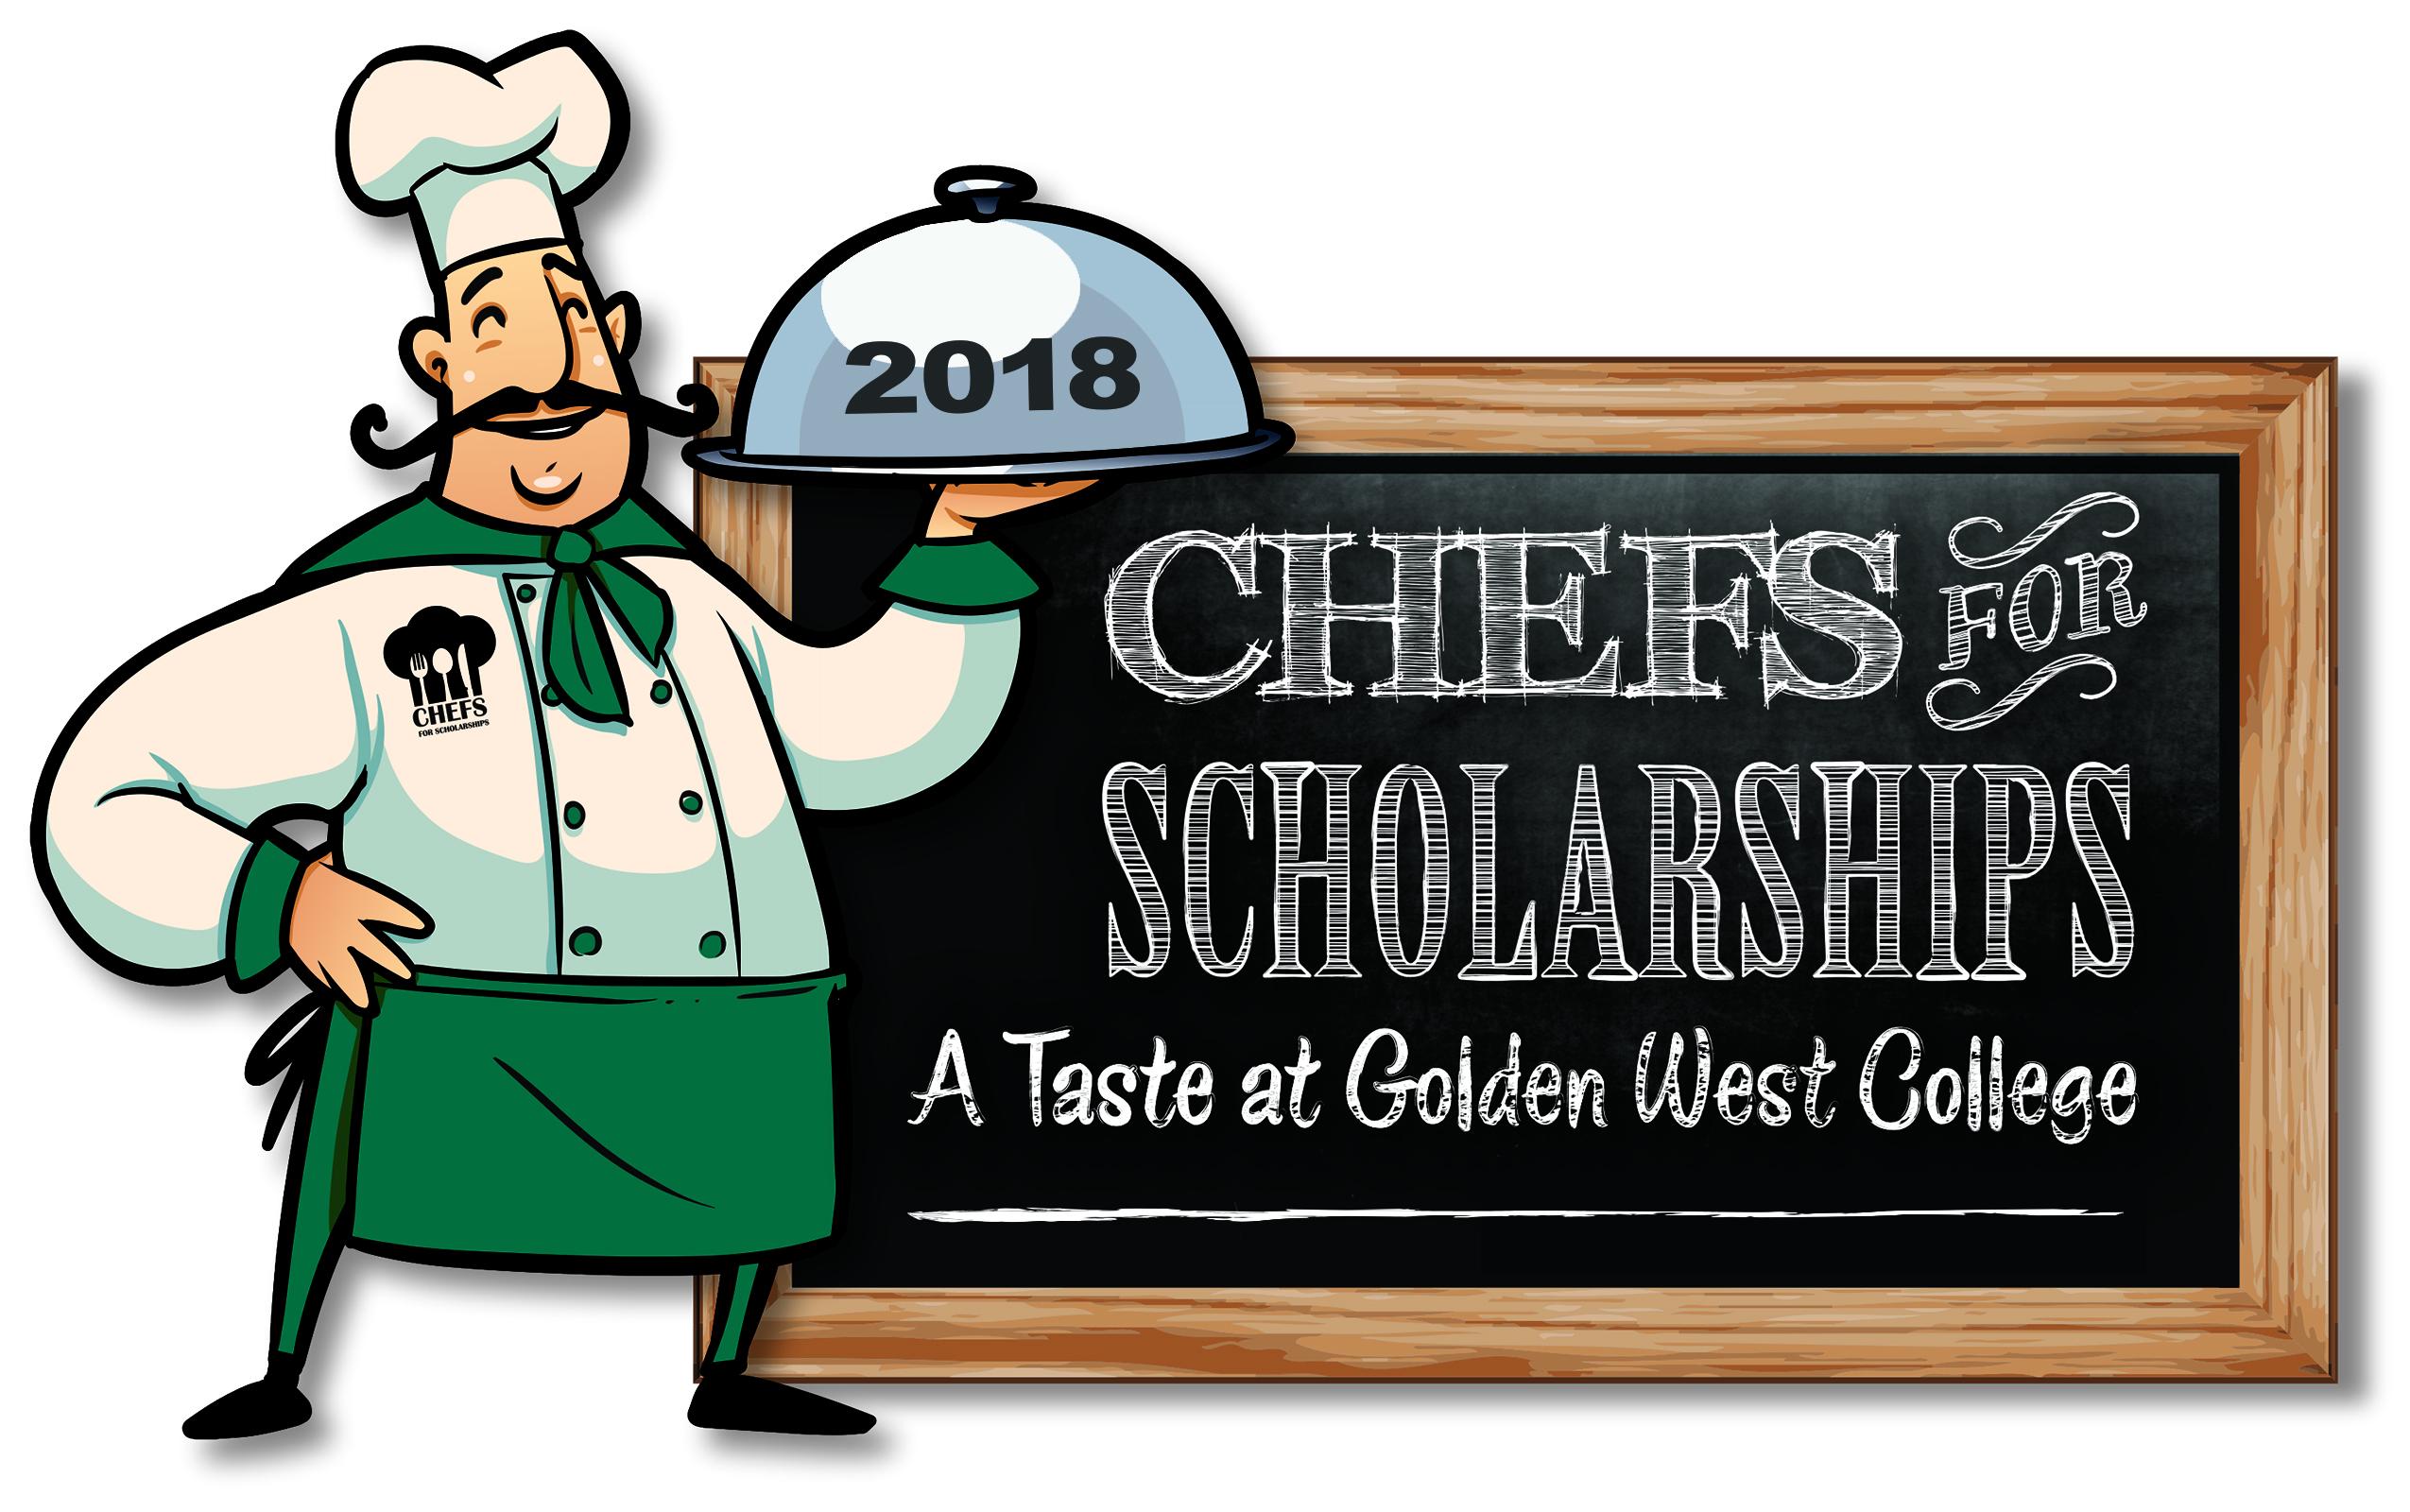 Chefs 2017